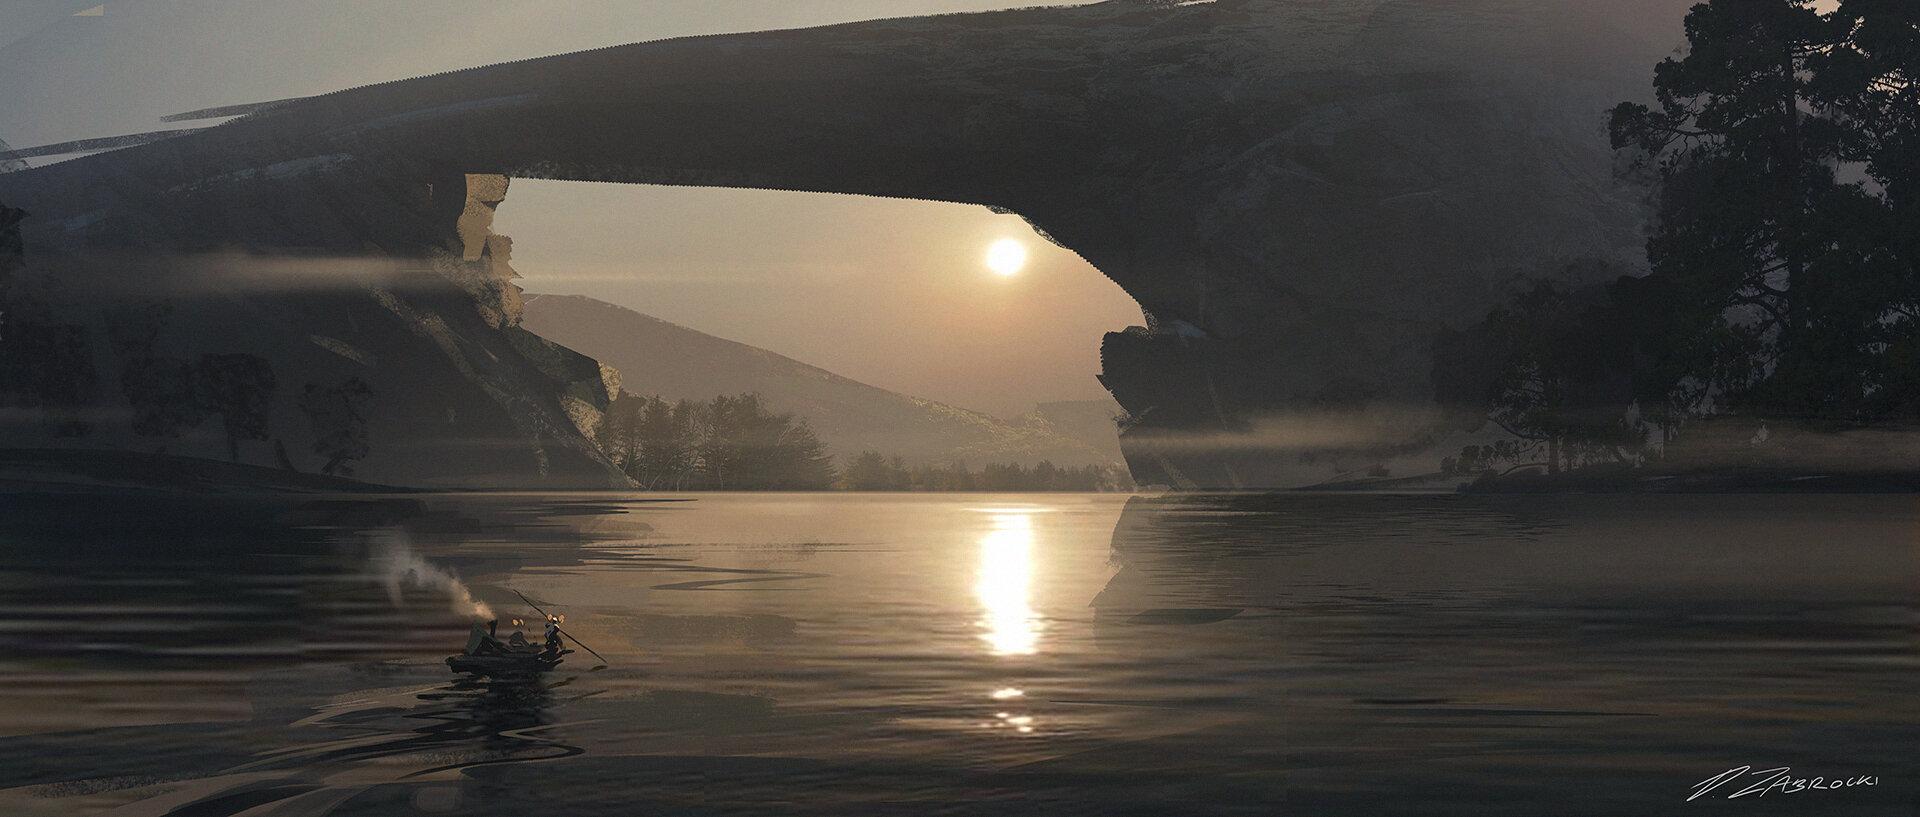 riverrafting2_001_DarekZabrocki.jpg